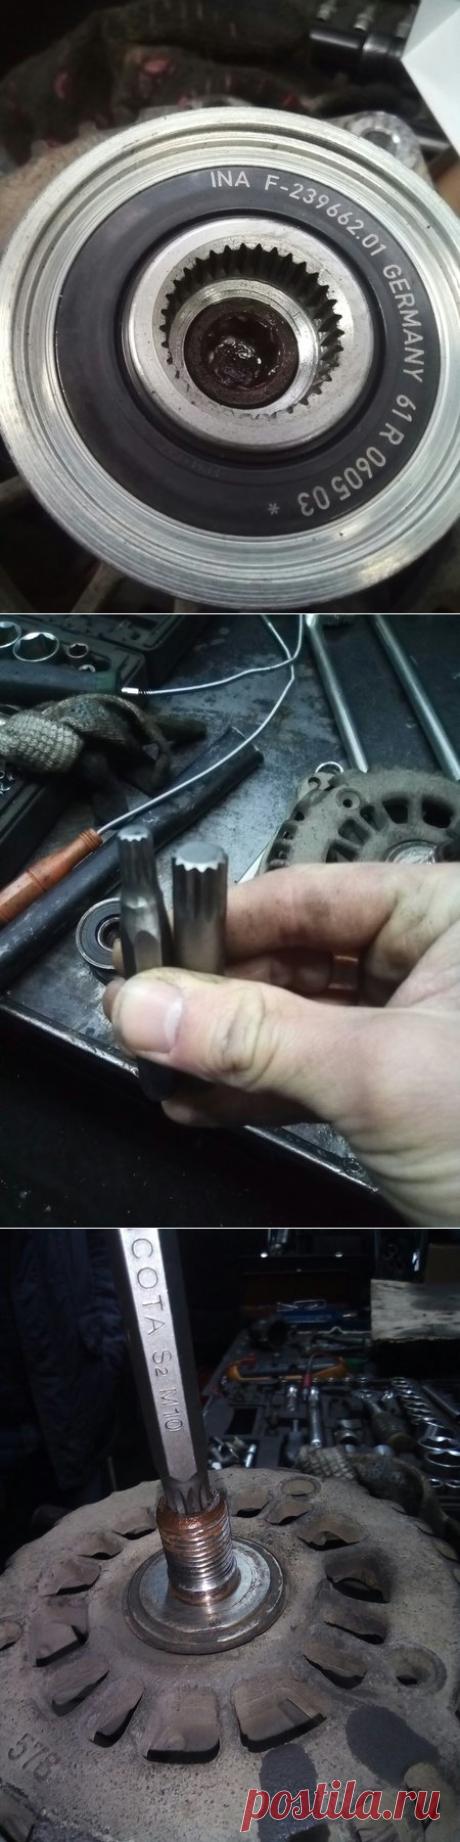 Как выкрутить болт со слизанным шестигранником или Torx | Заметки автомеханика | Яндекс Дзен